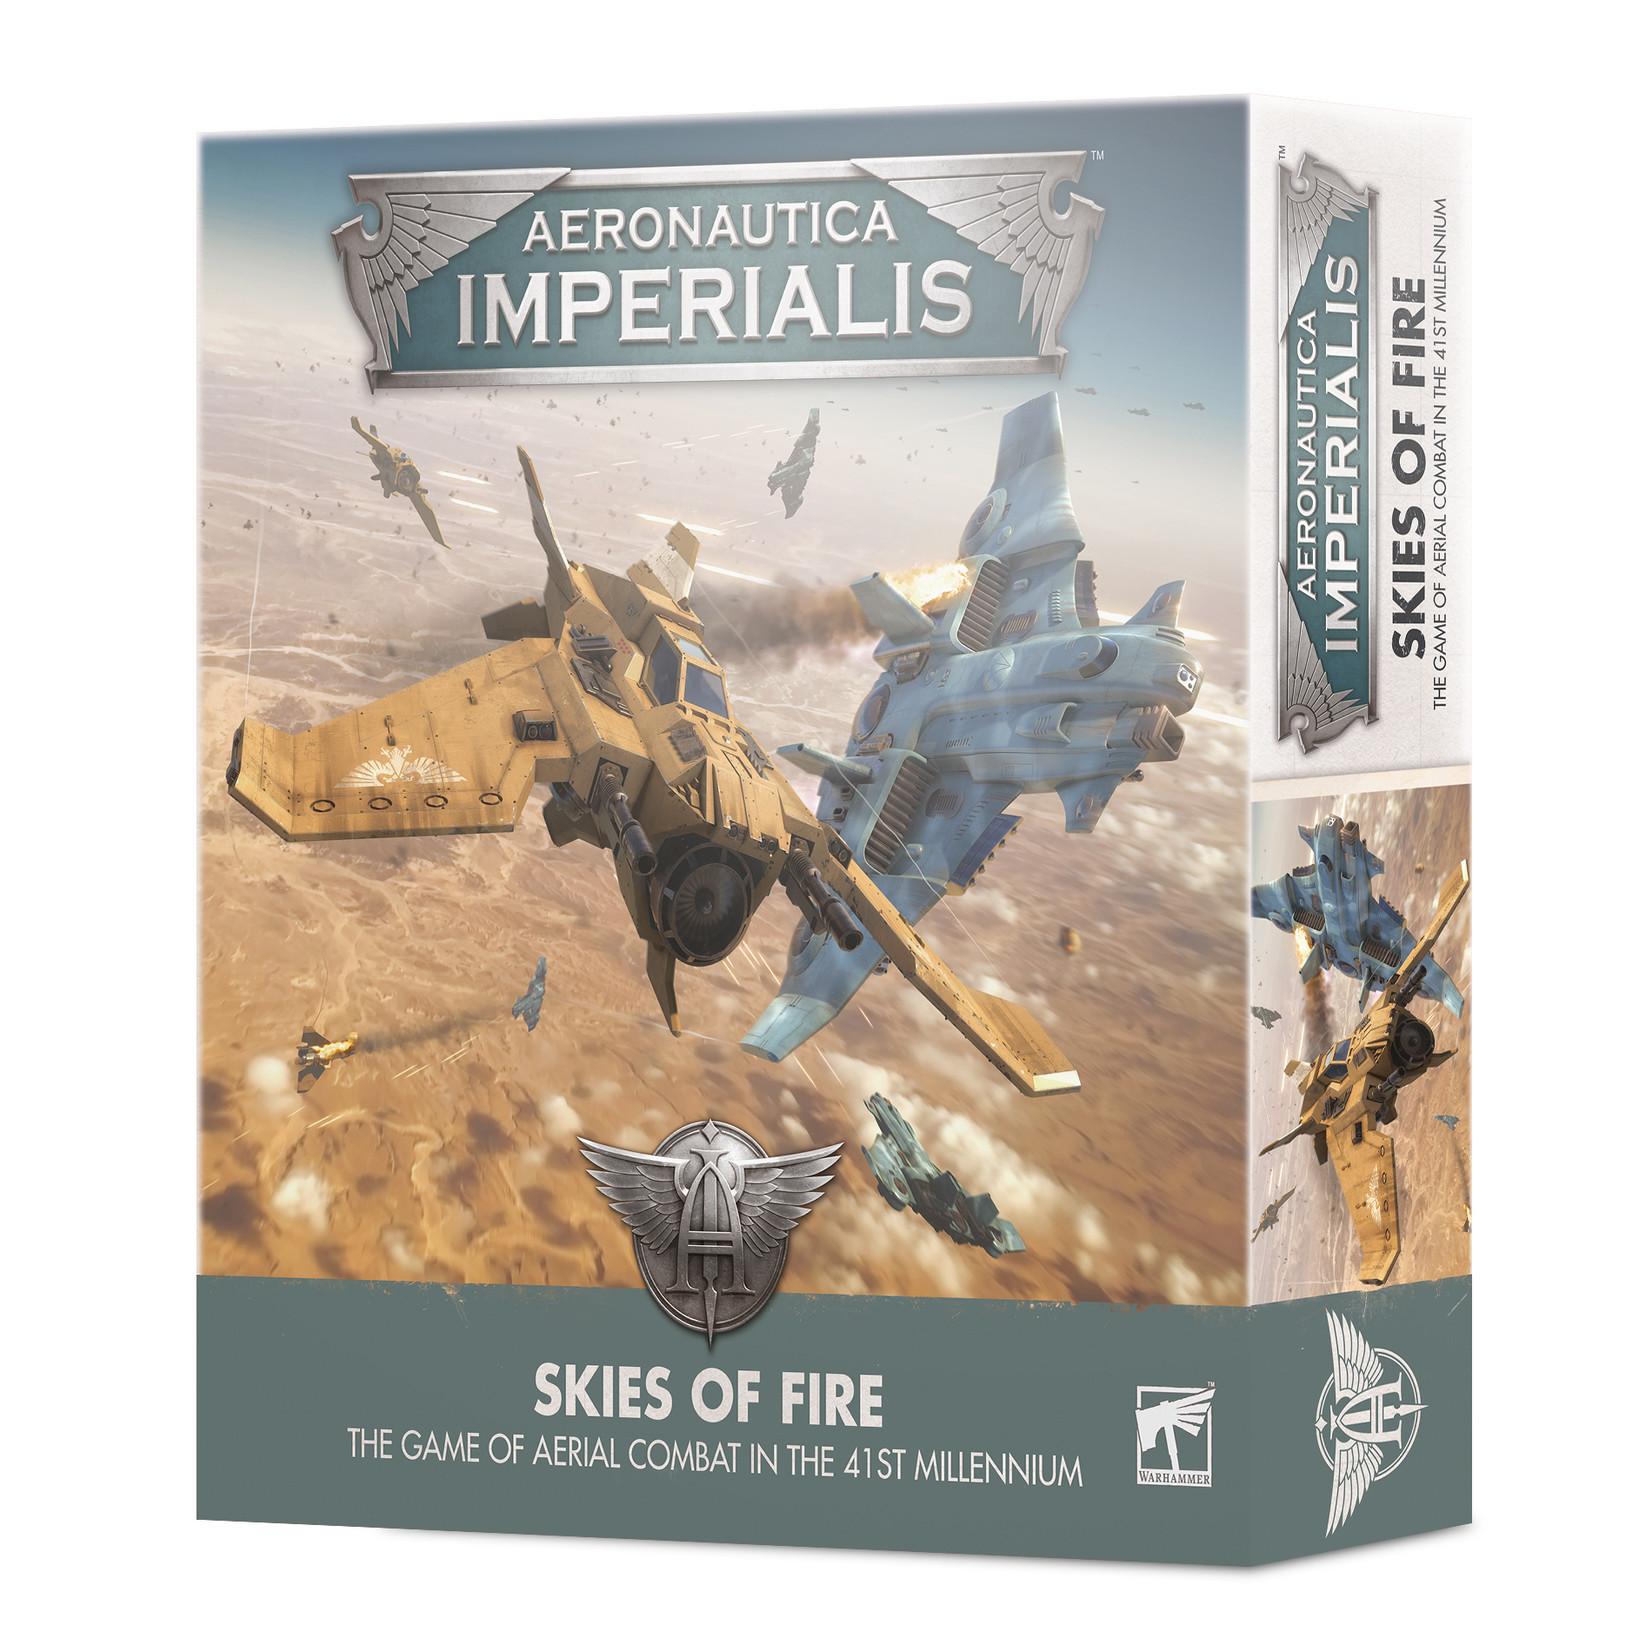 Games Workshop Aeronautica Imperialis: Skies Of Fire